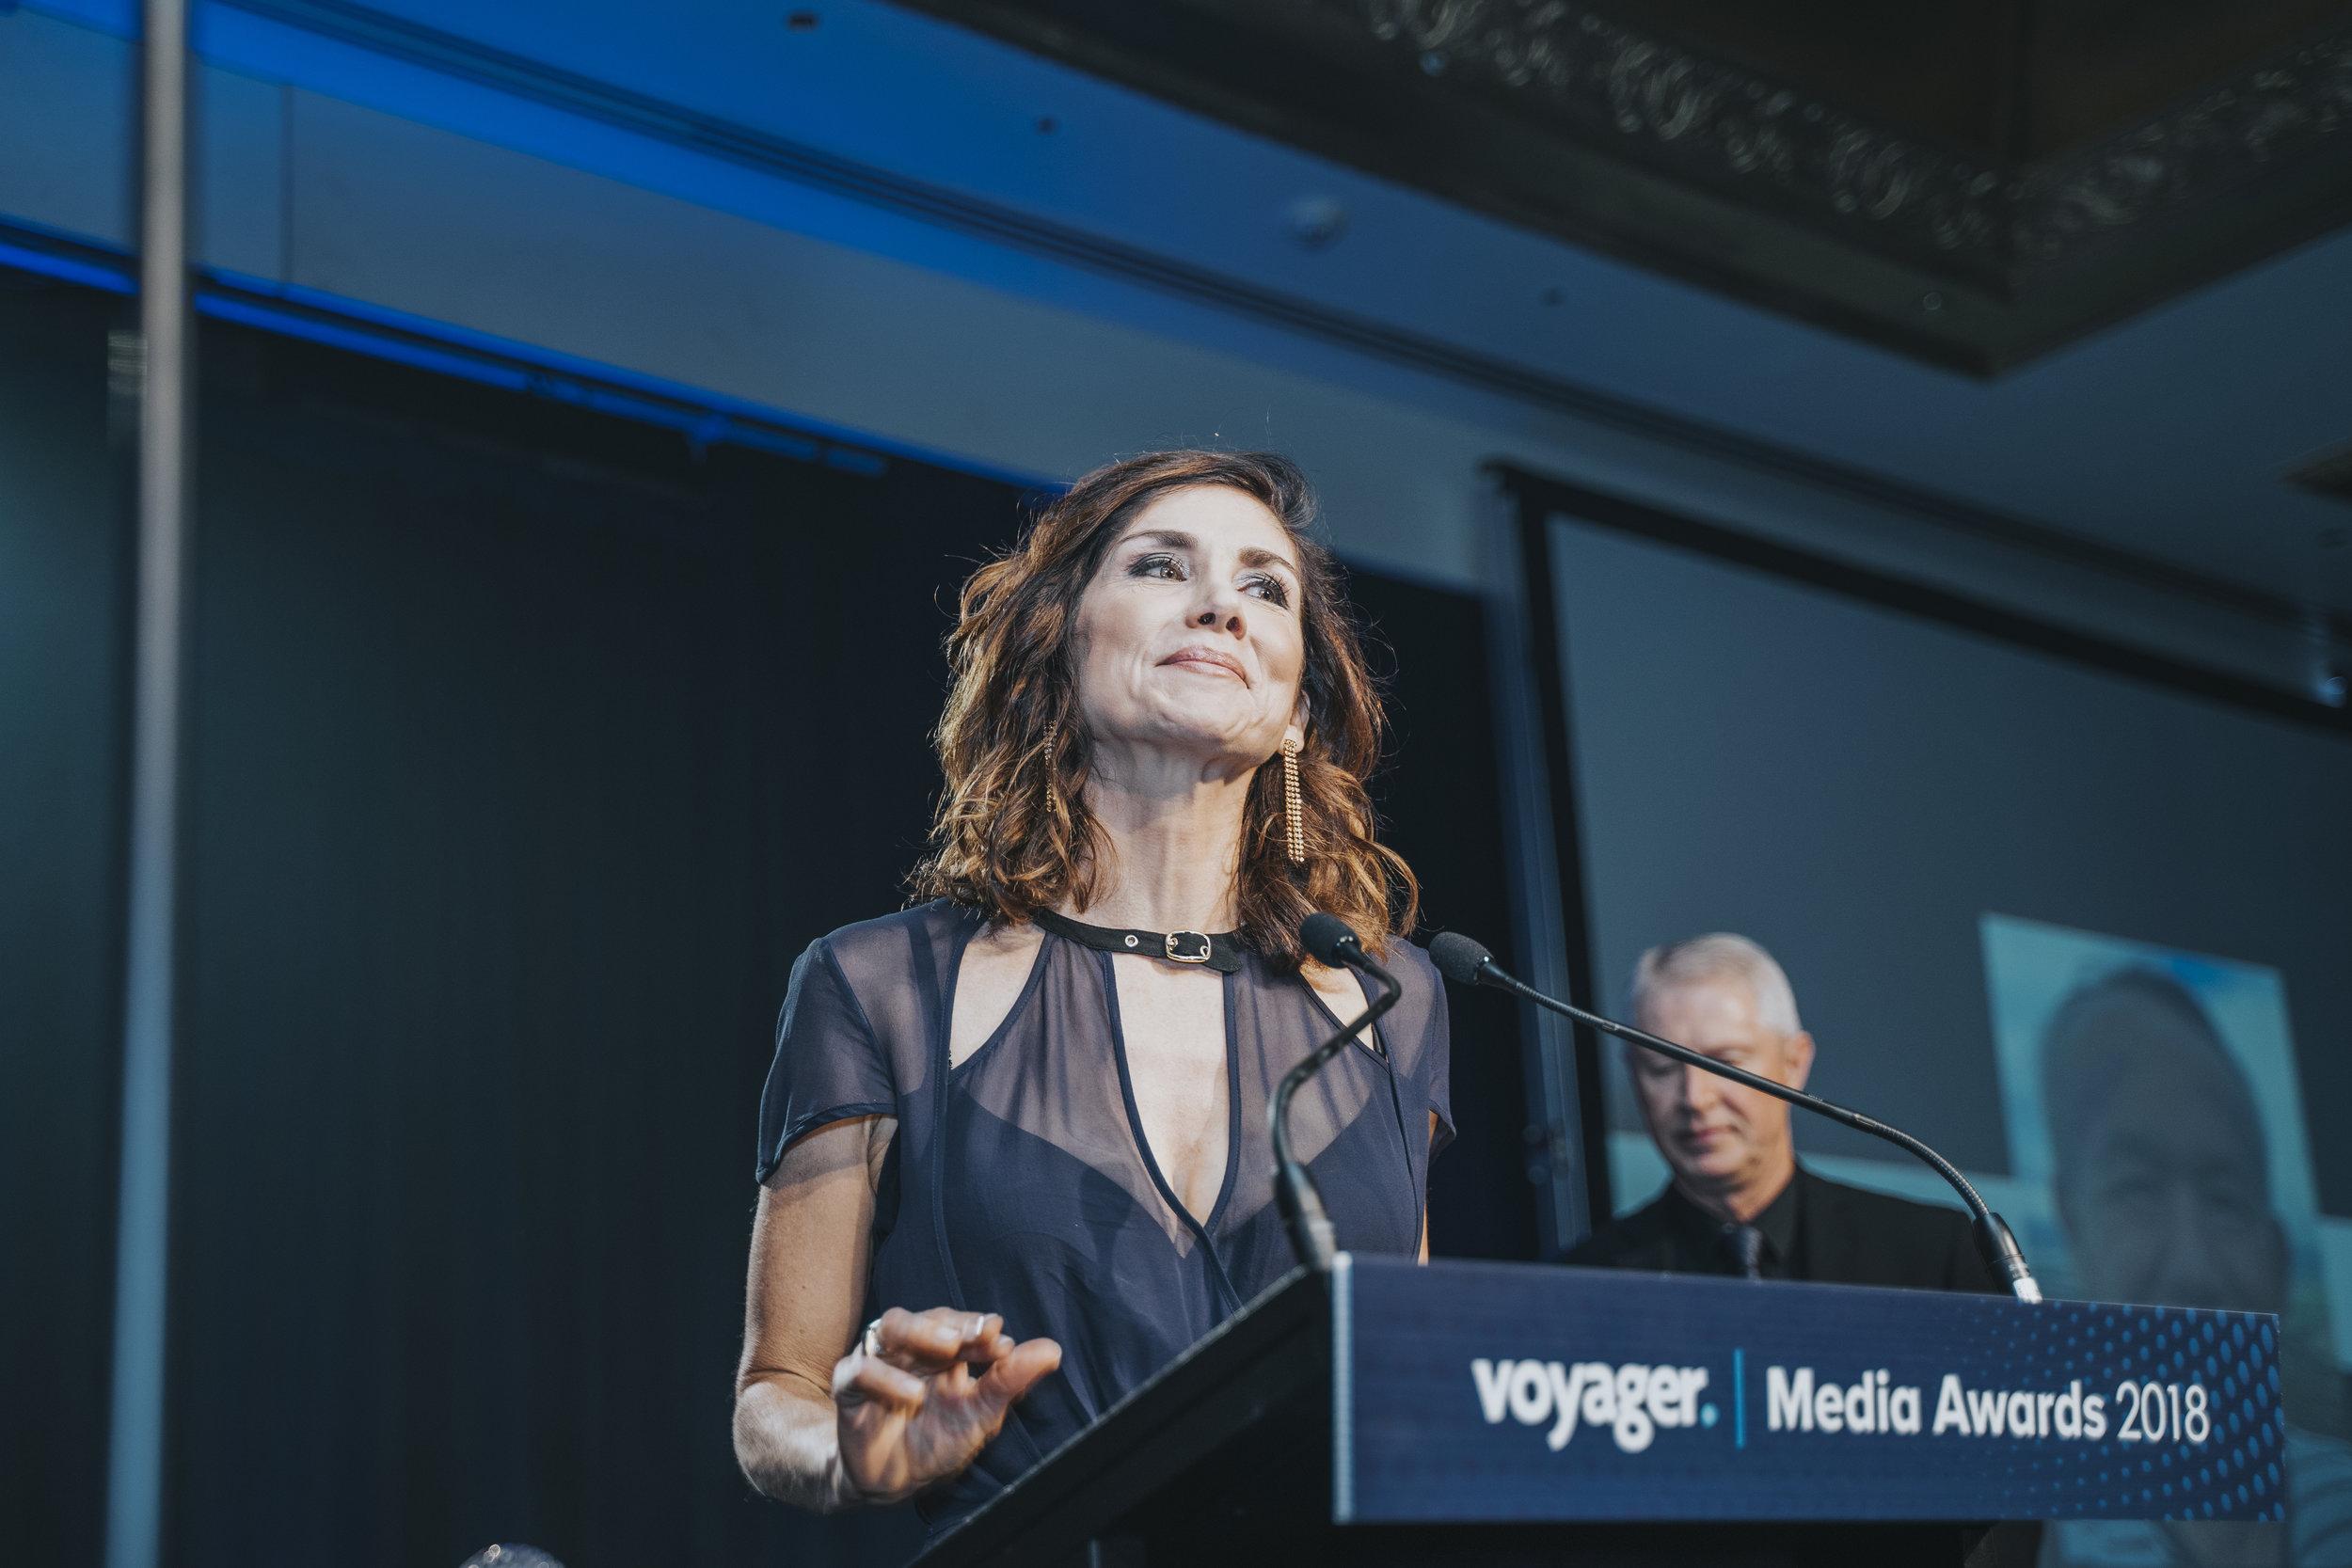 Voyager Media Awards 2018-235.JPG